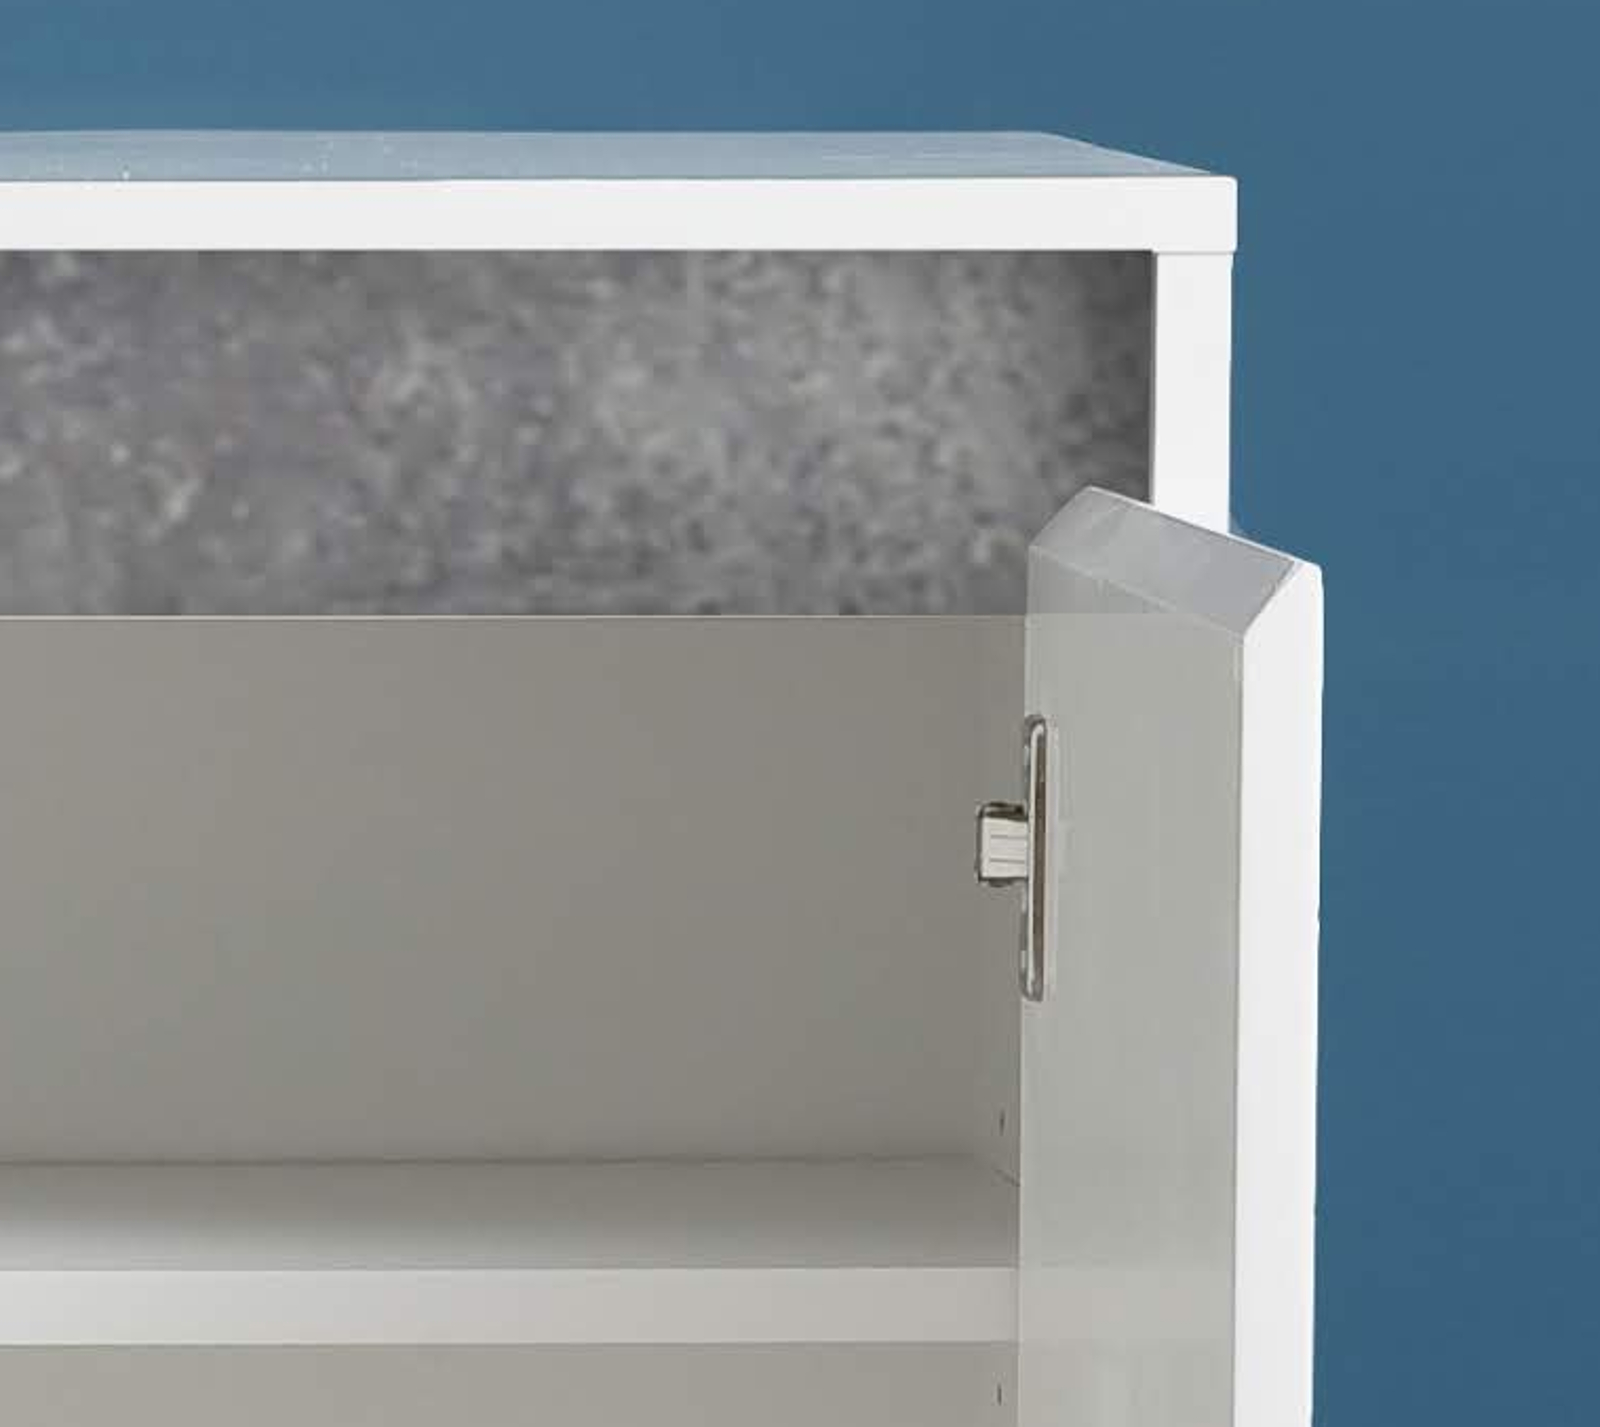 kommode sol hochglanz wei und stone grau 80 x 84 cm. Black Bedroom Furniture Sets. Home Design Ideas